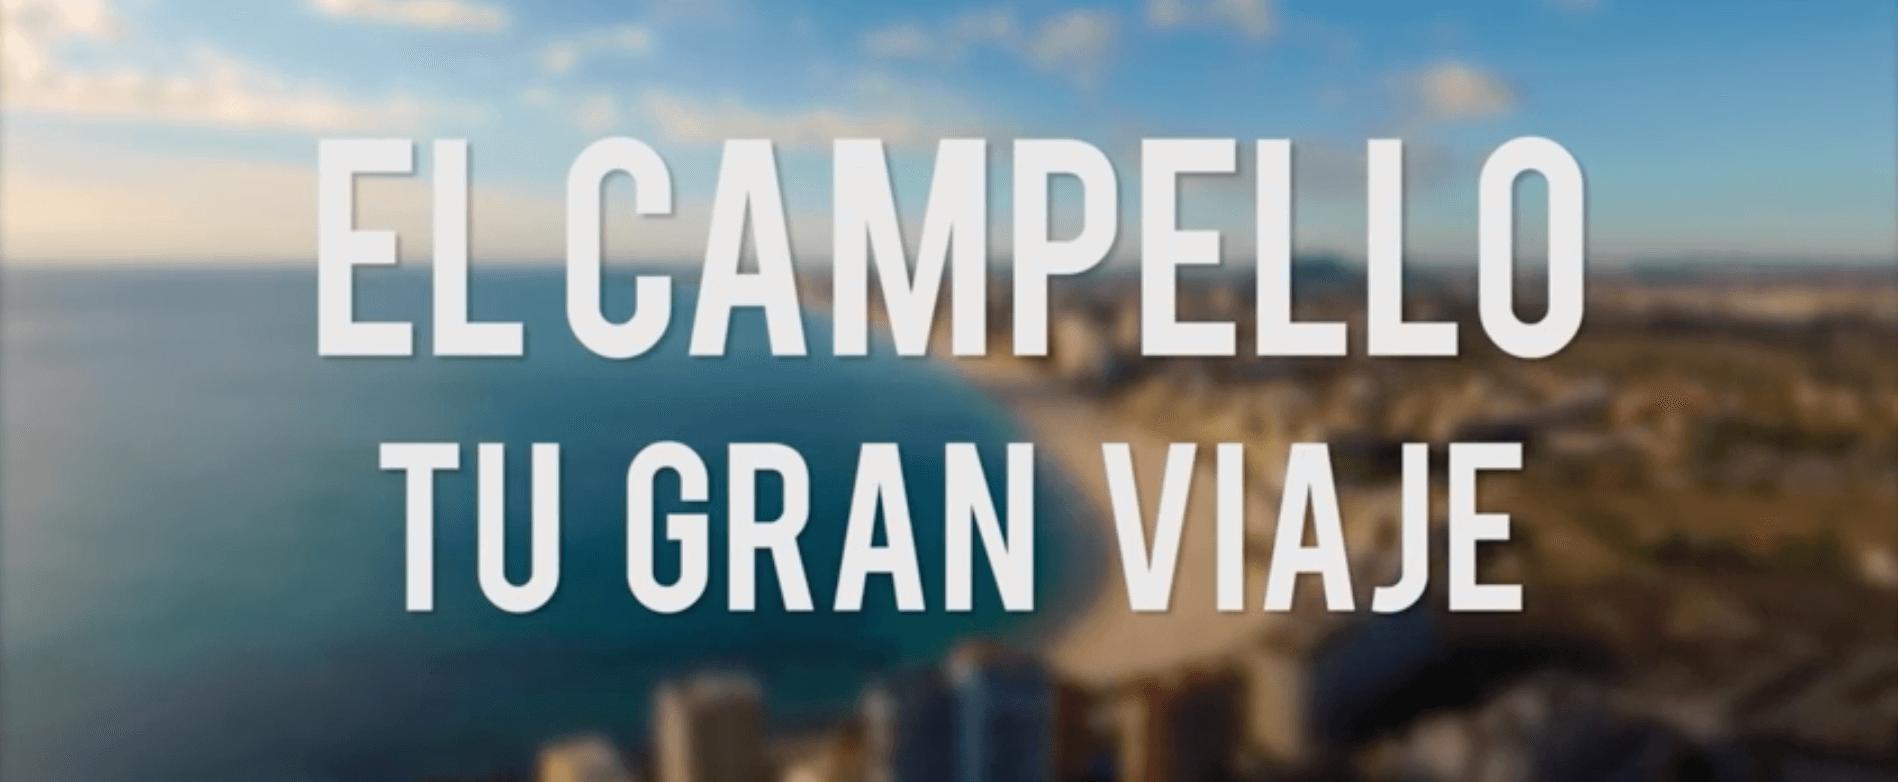 """Bajo el lema """"El Campello, Tu Gran Viaje"""", la productora audiovisual de Alicante Producciones GDP produjo el spot campaña de El Campello Turismo."""